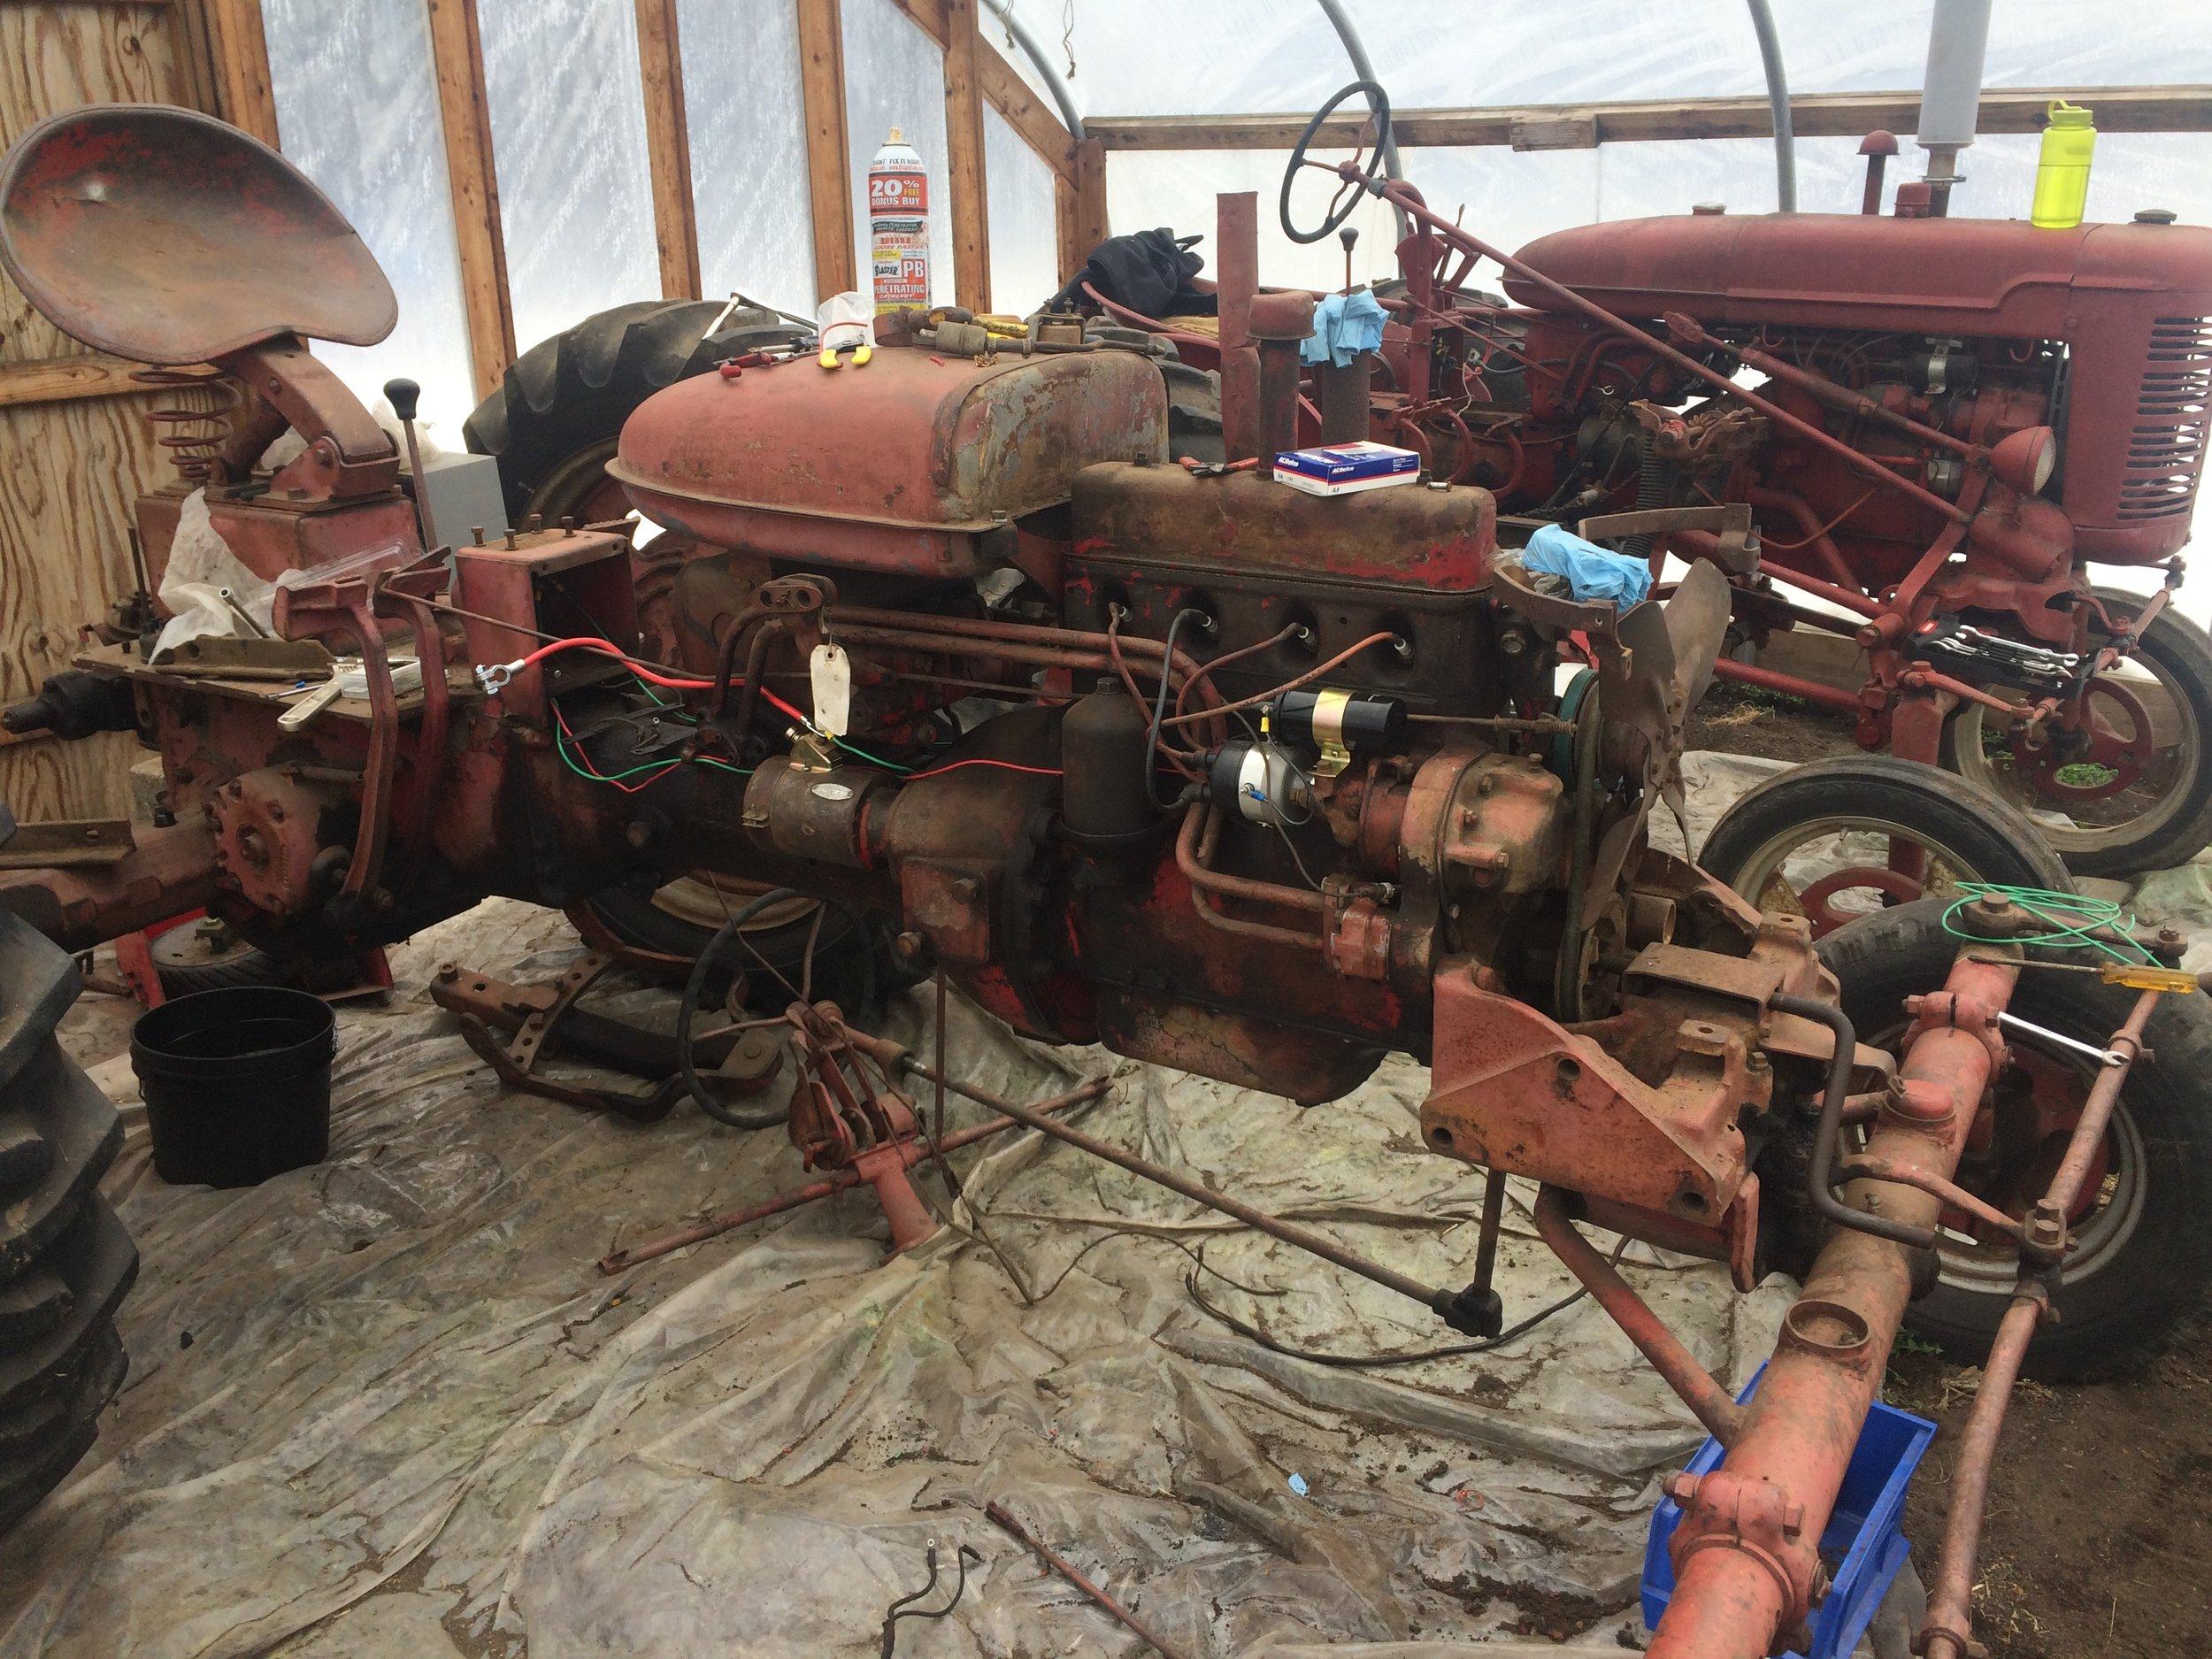 Best crop of the winter? Old tractors.